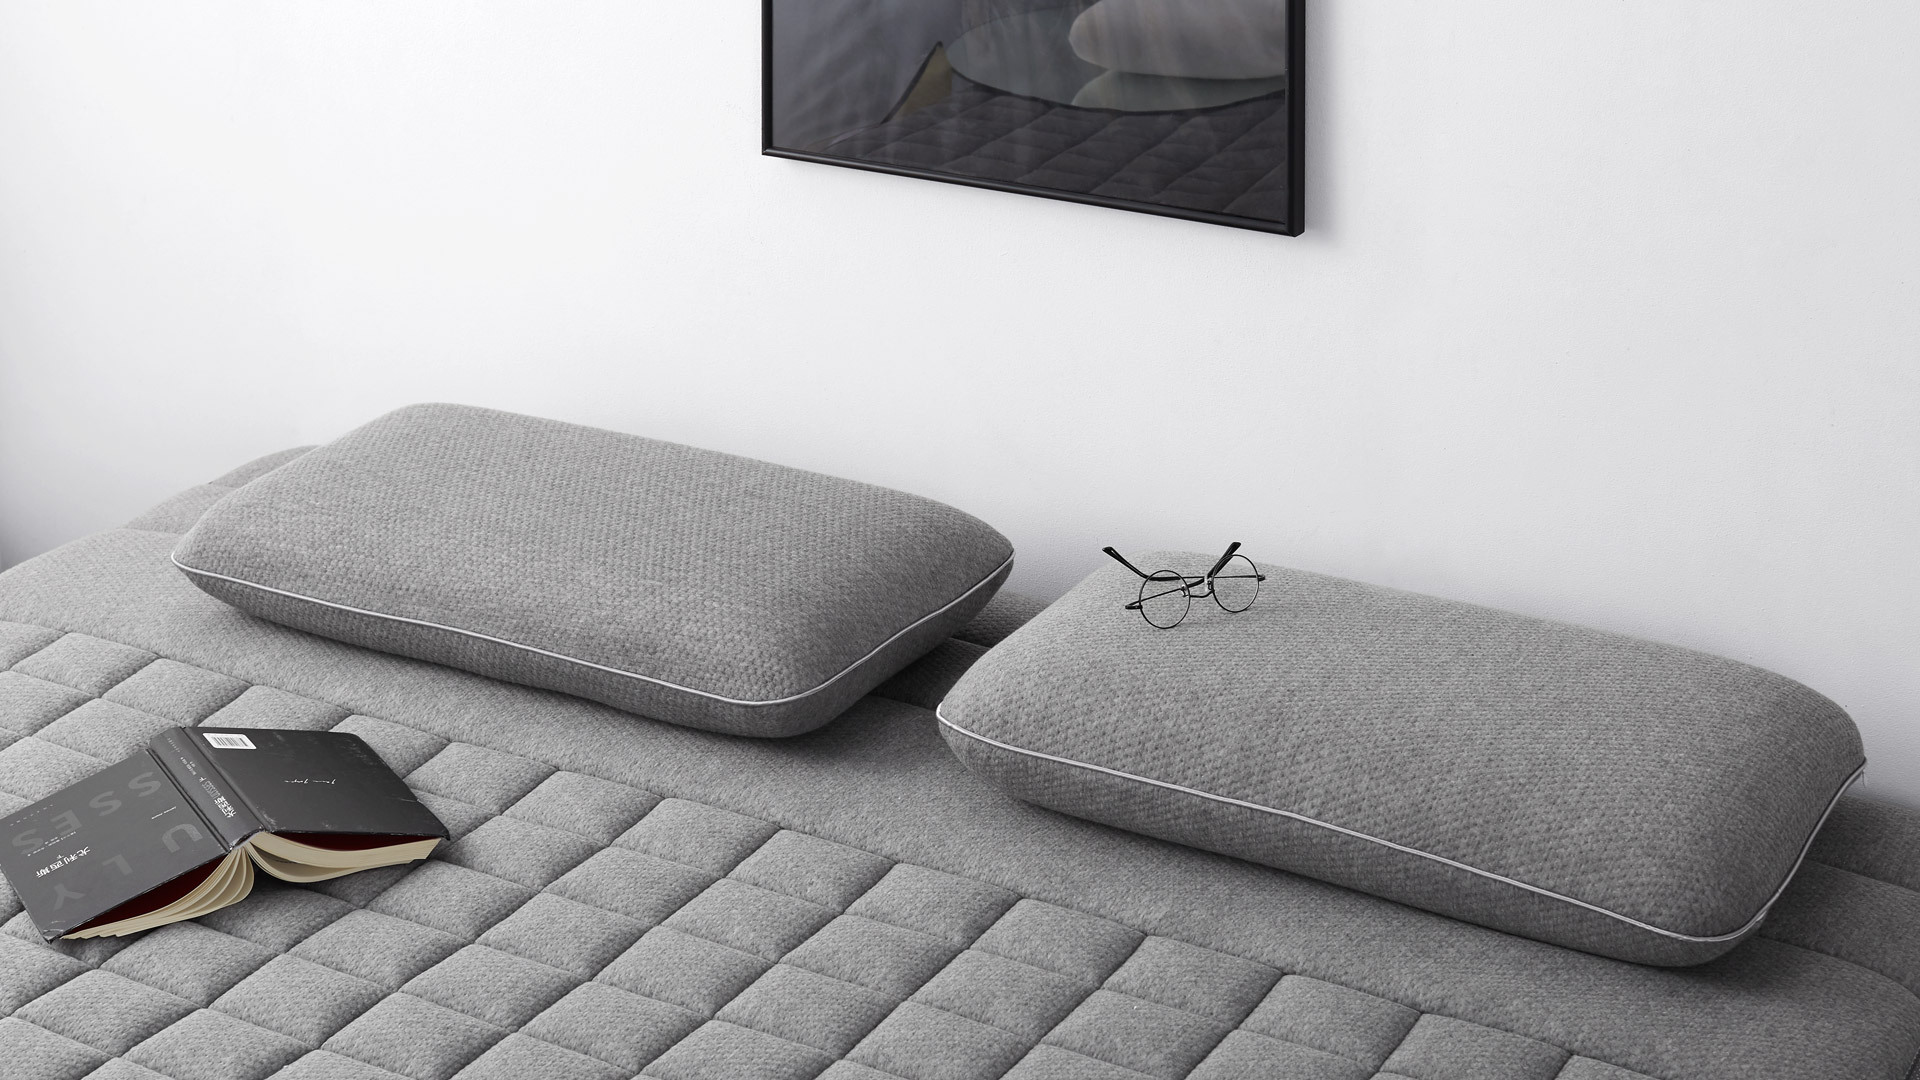 沉浸灰色调包裹,缓慢过渡睡前时光